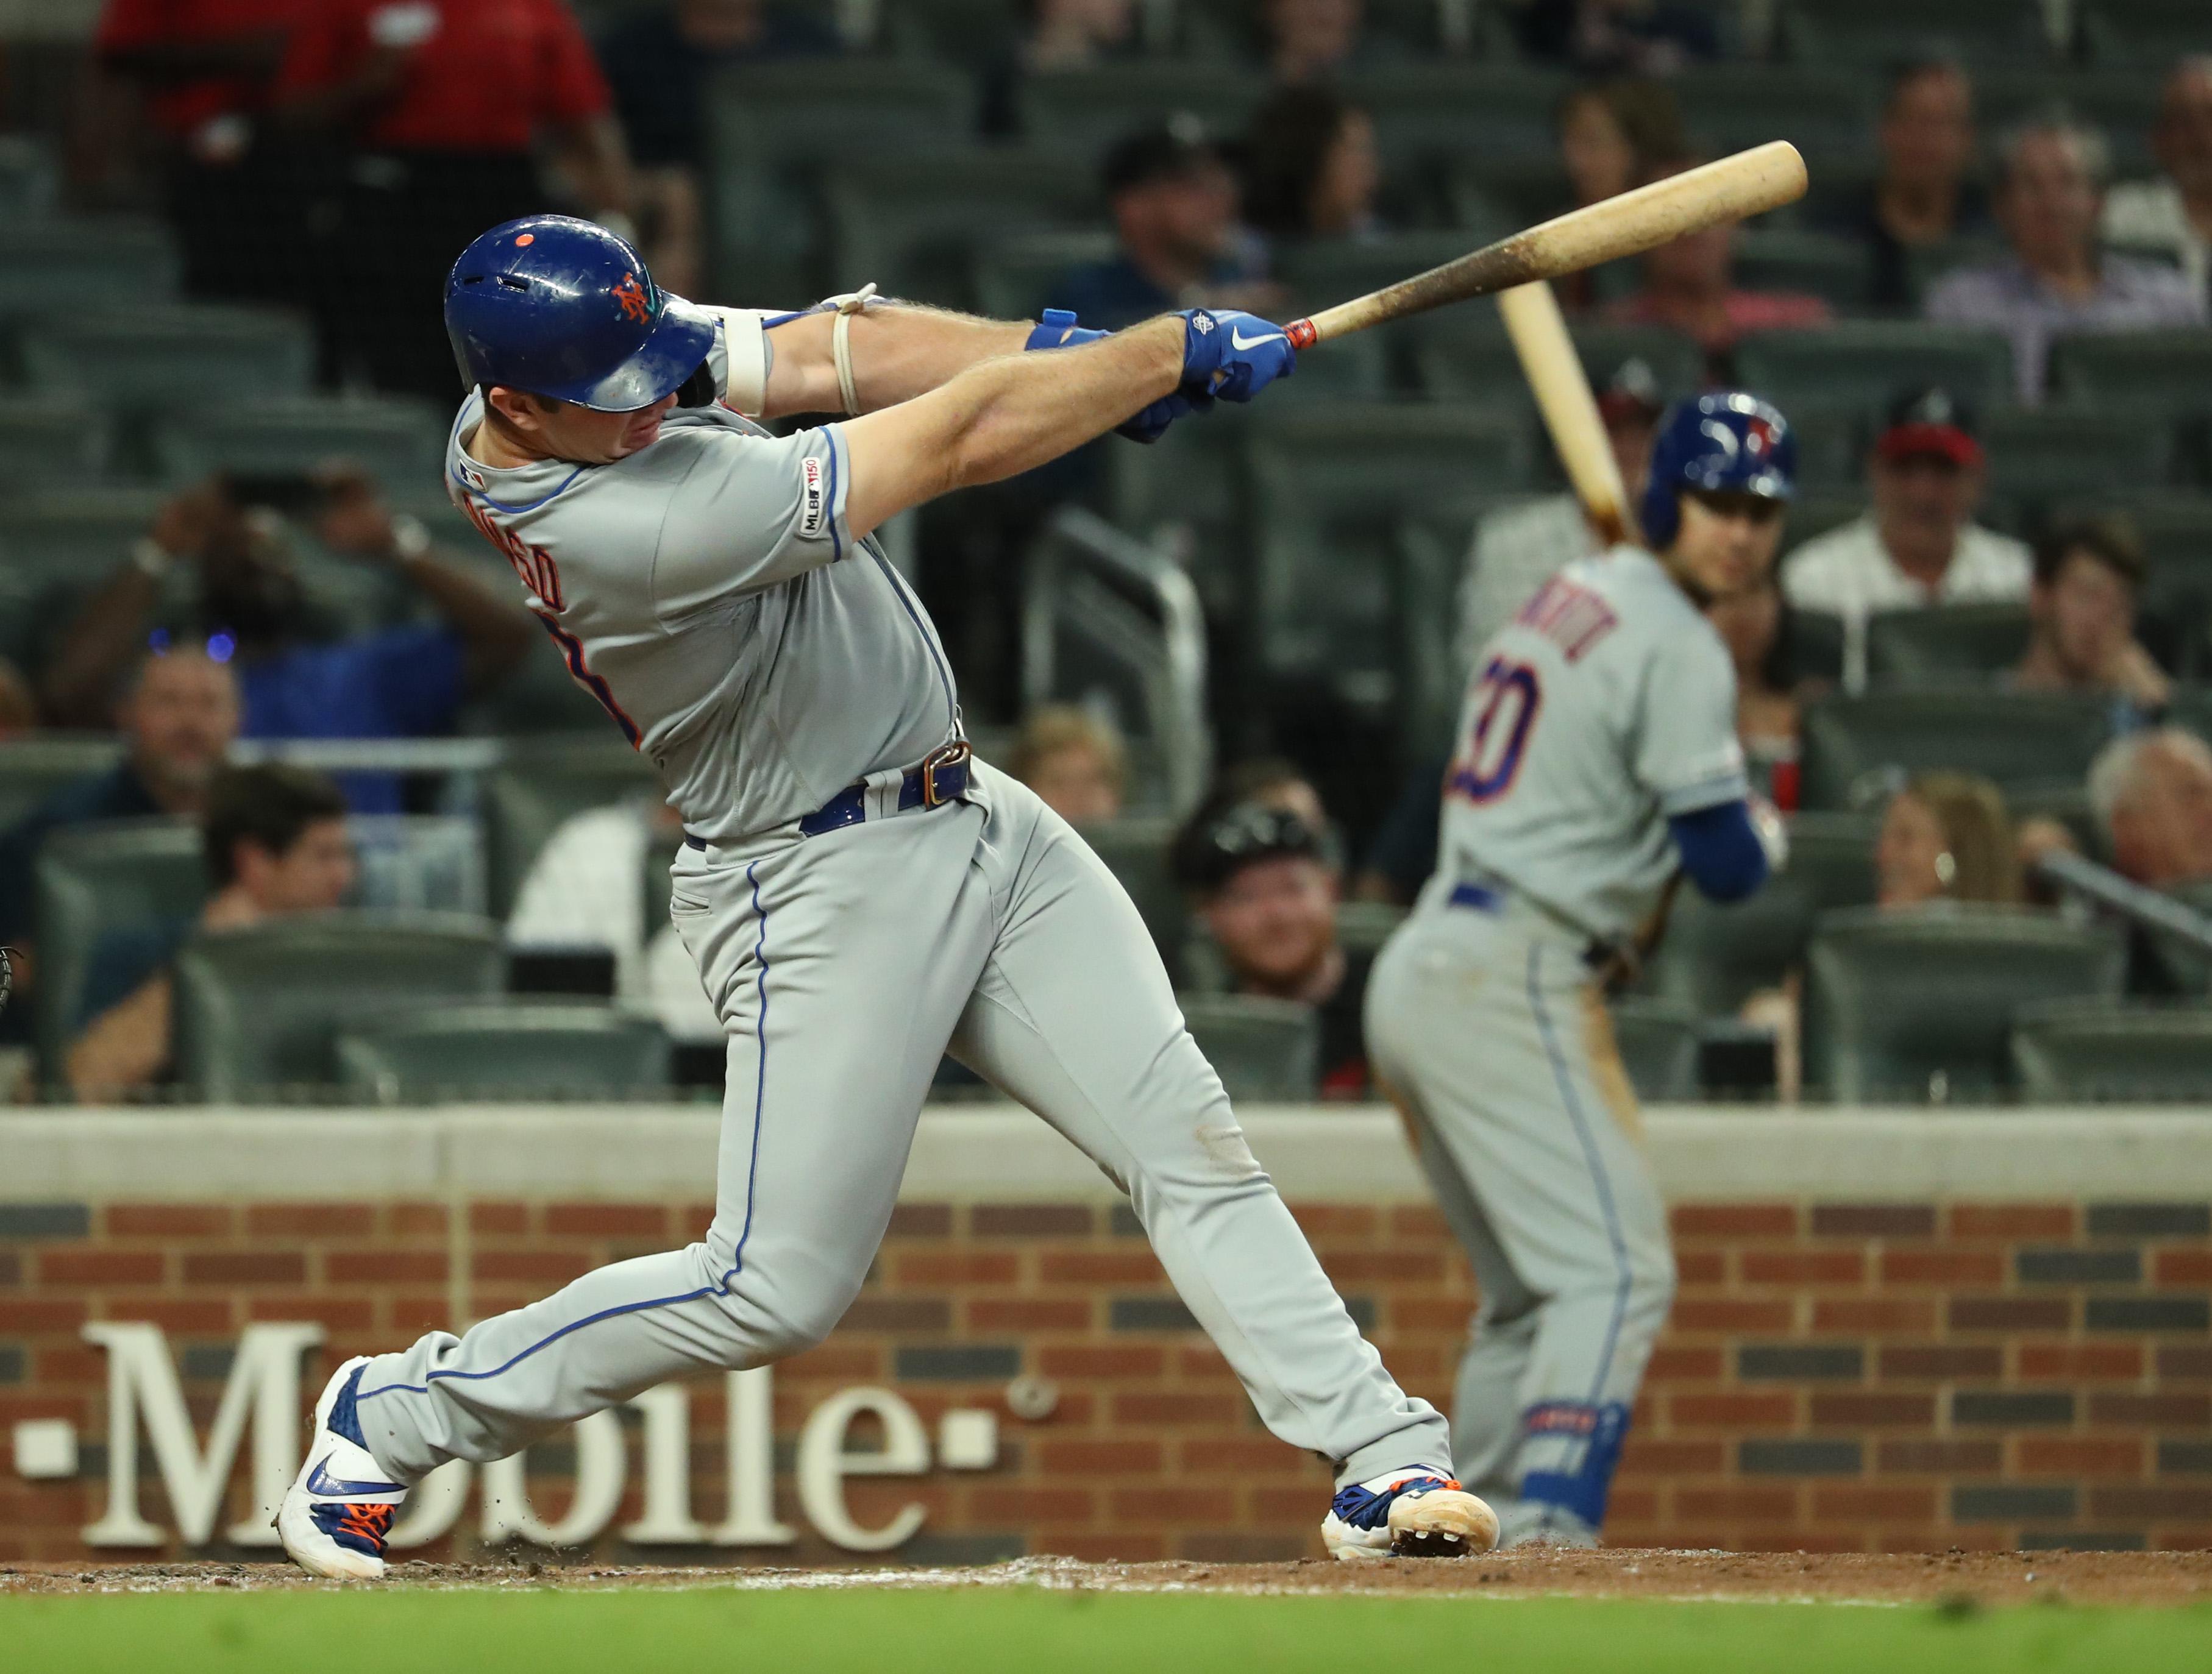 8/16/19 Game Preview: New York Mets at Kansas City Royals